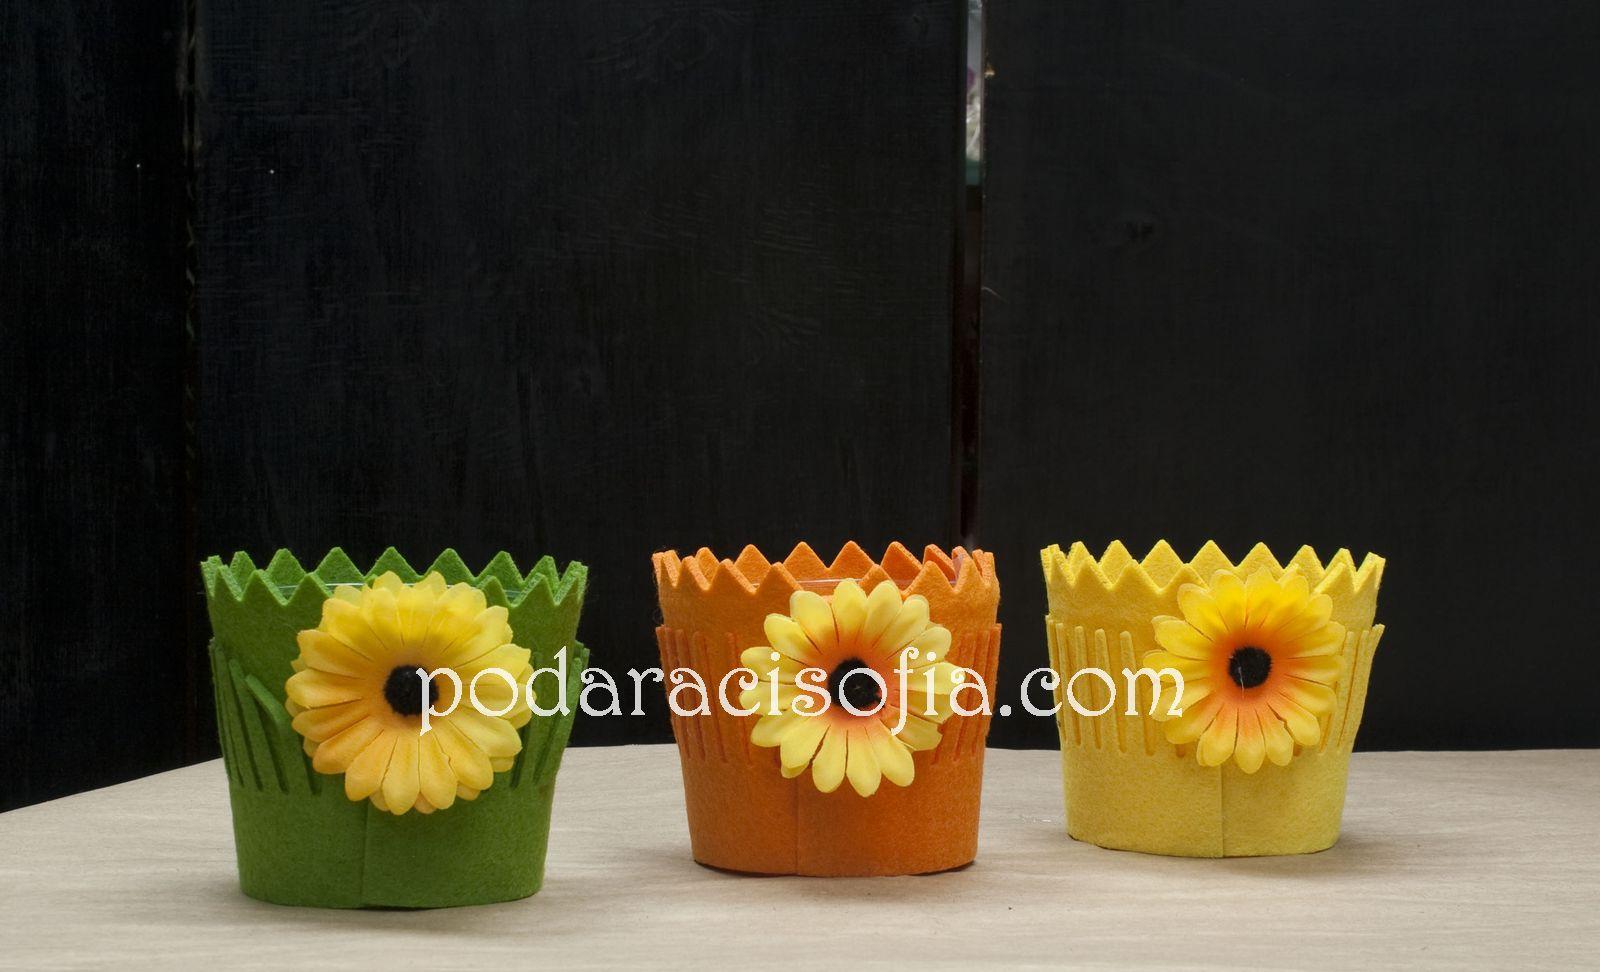 Три саксии в ярки цветове, облечени с плат и украса като слънчоглед от магазин за подаръци Gifts.